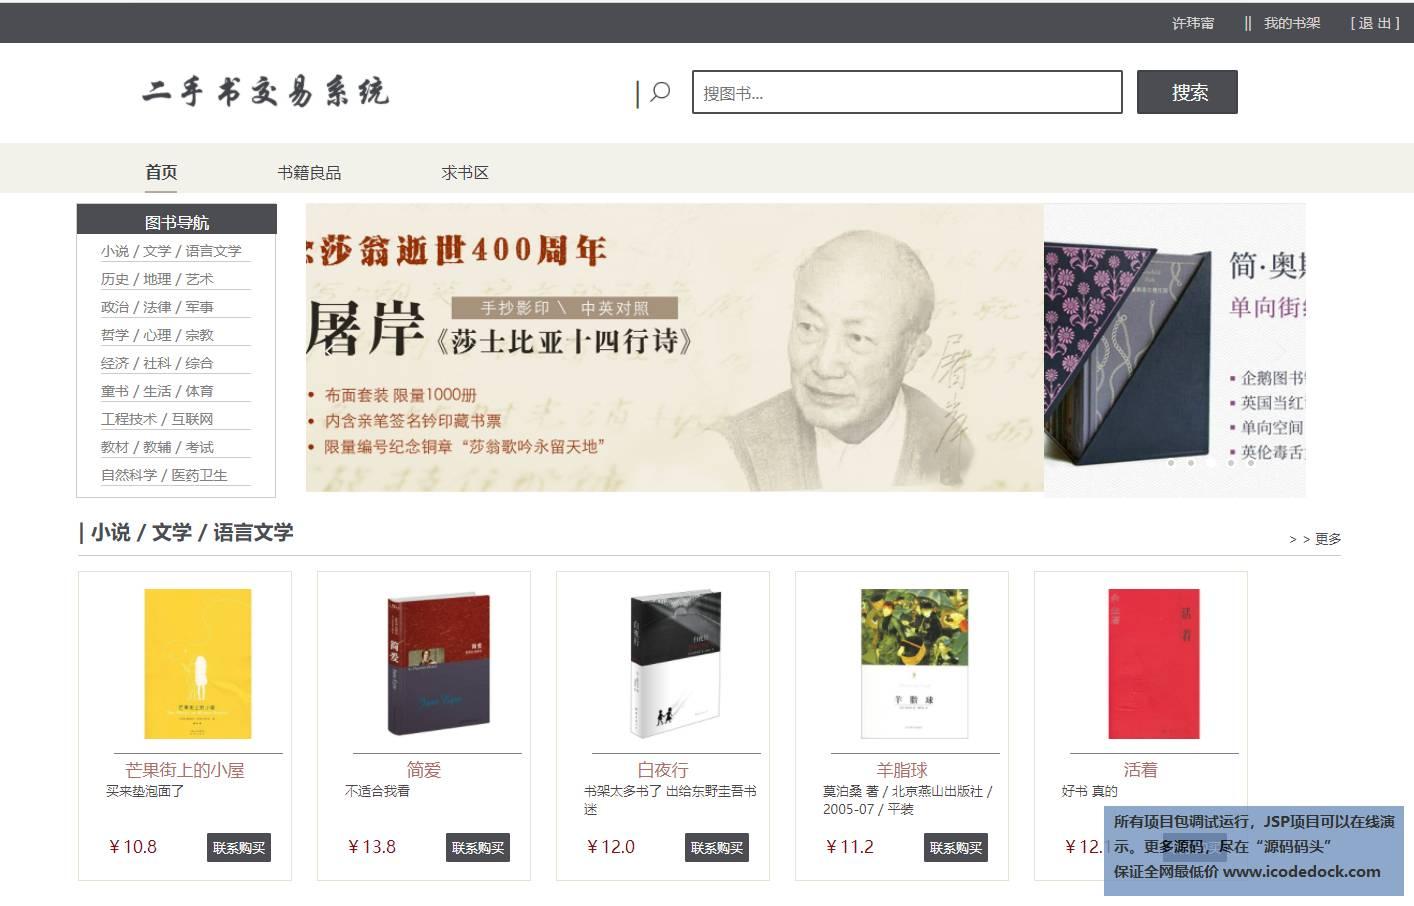 源码码头-SSM在线二手图书交易商城网站平台-用户角色-按分类查看